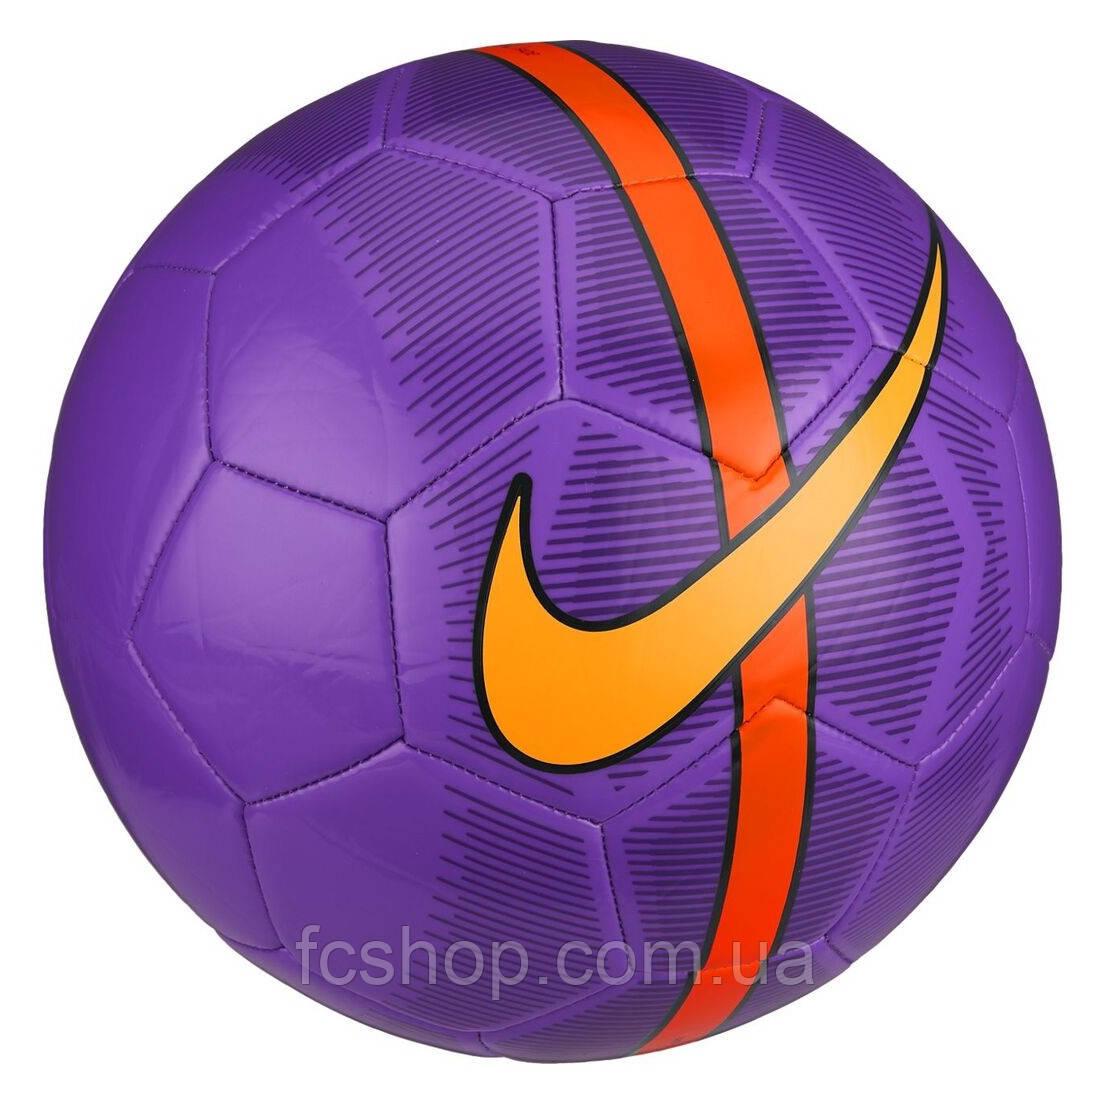 Футбольный мяч Nike Mercurial Fade SC3023-560 купить, цена в ... 134b05605af